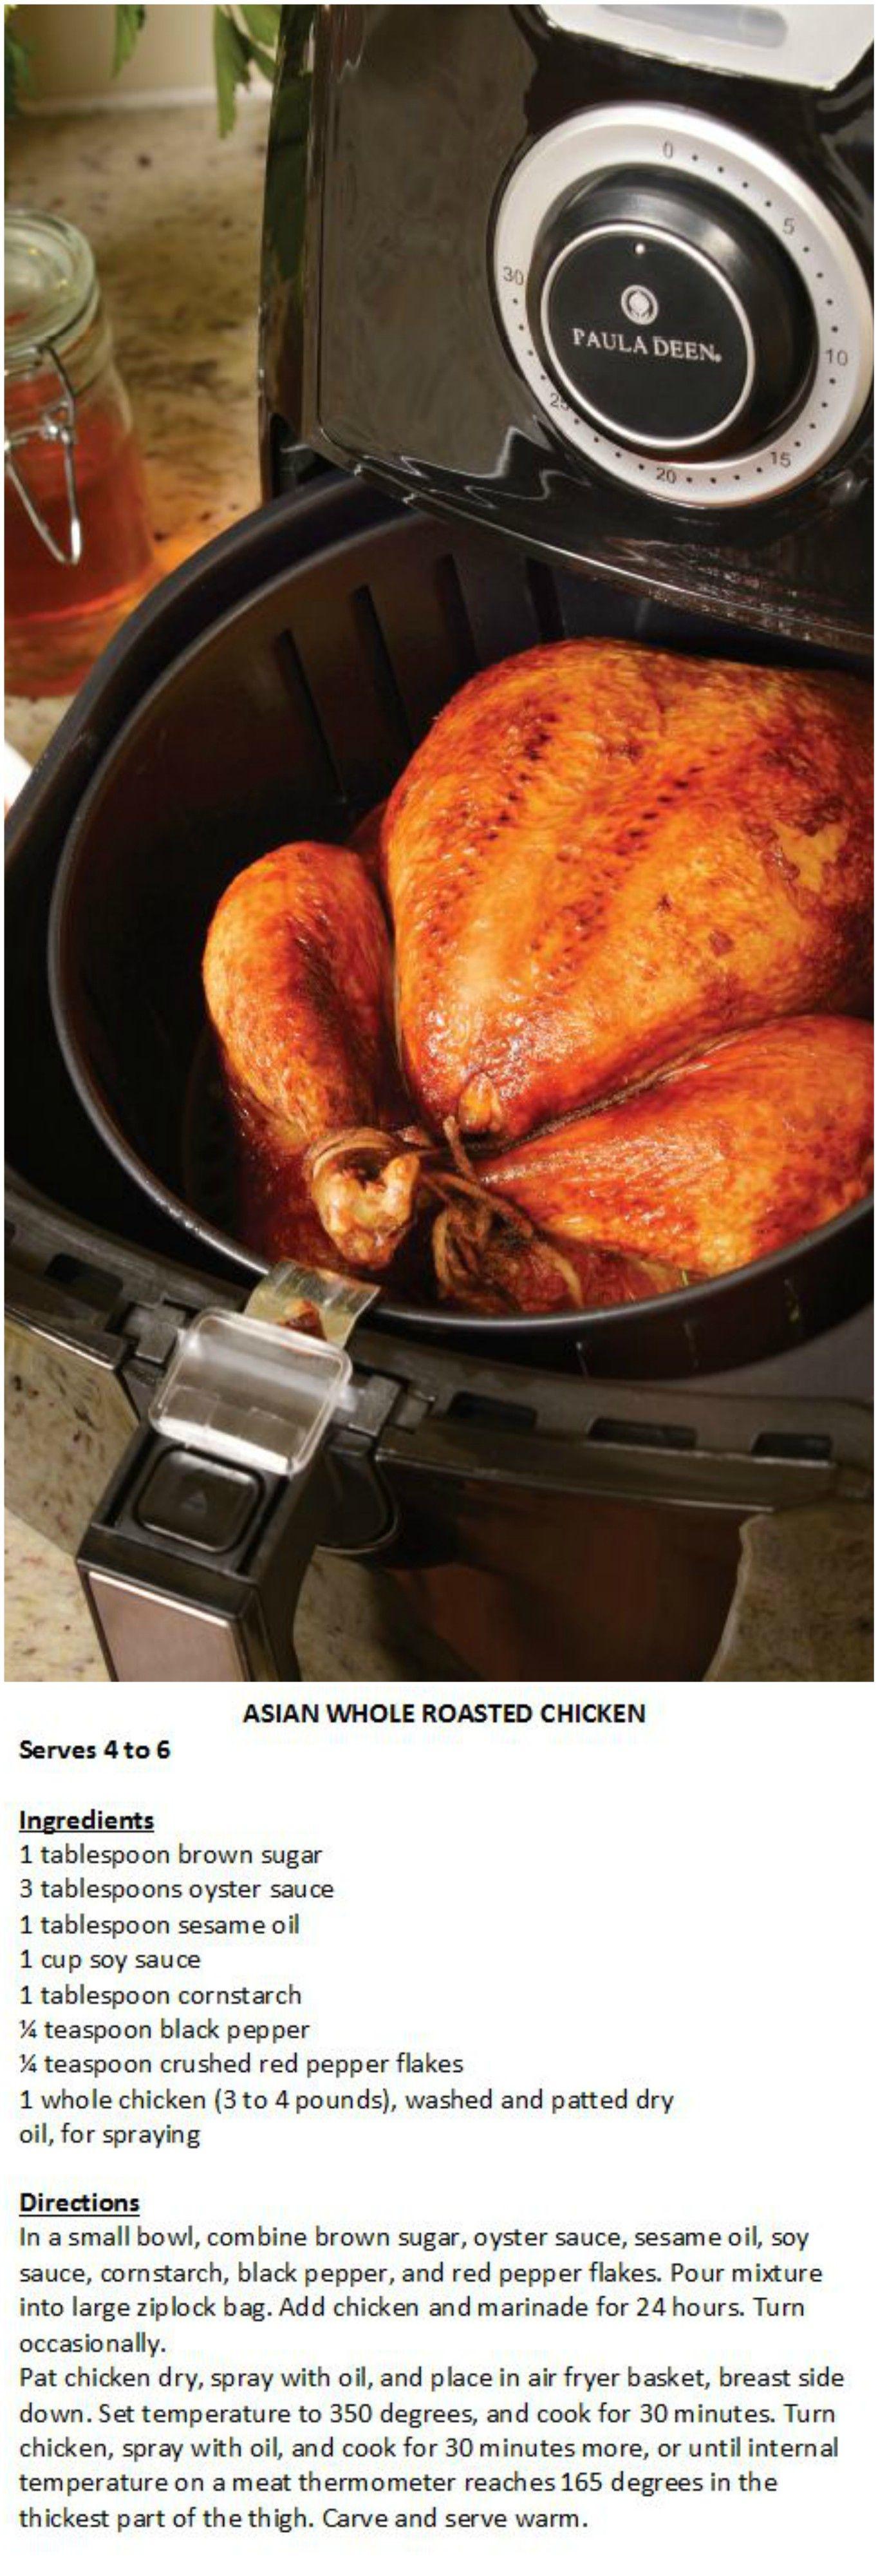 Paula Deen 3.5 qt 1400W Ceramic Nonstick Air Fryer w/ Four